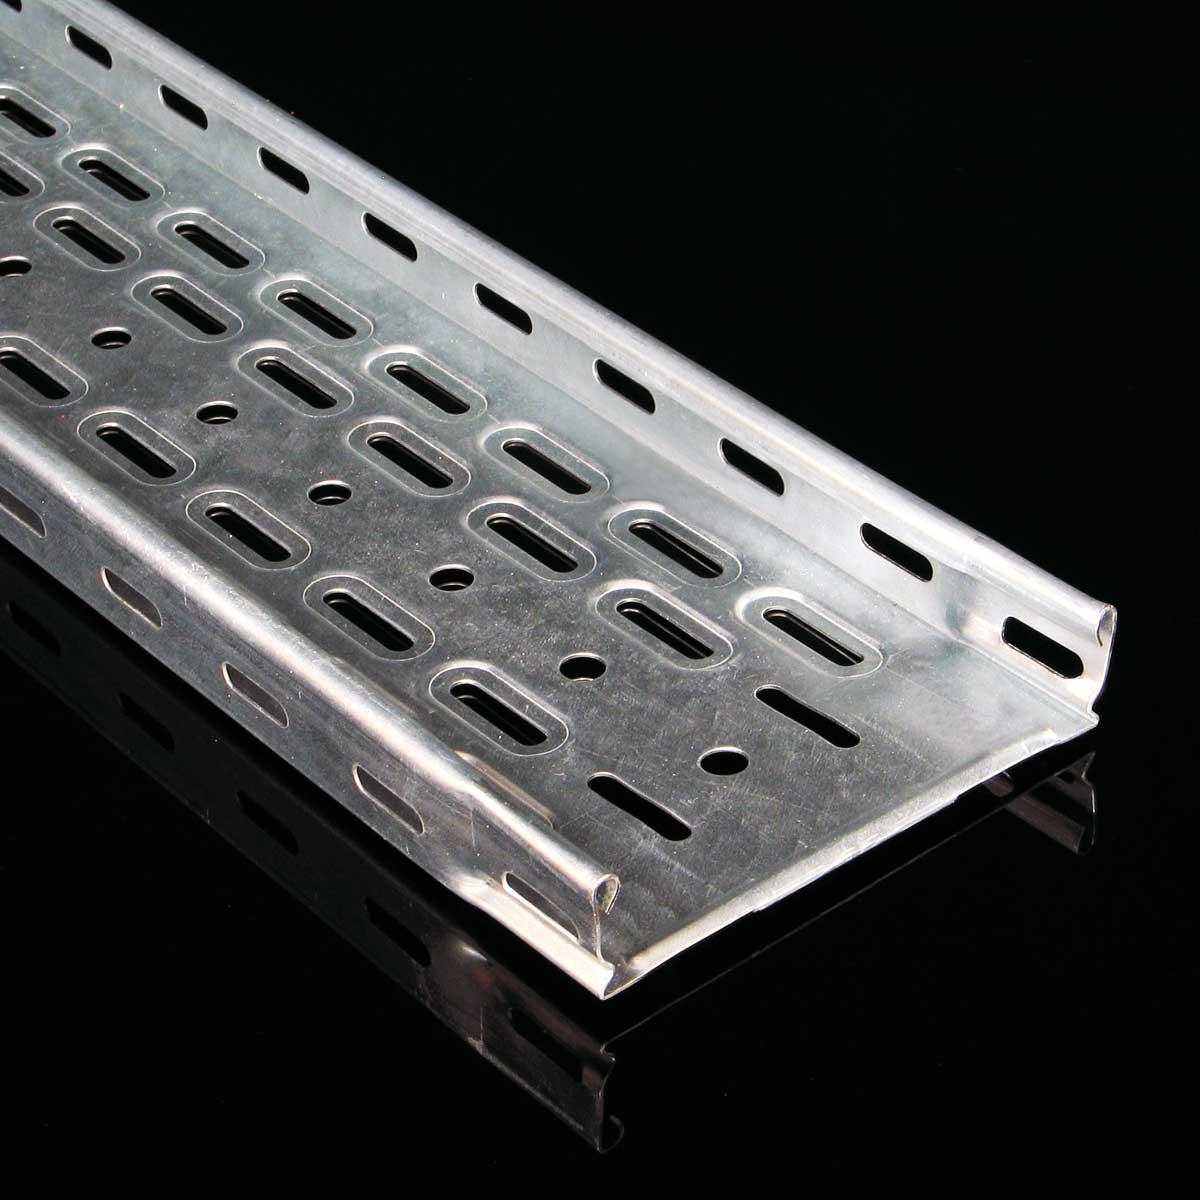 Лоток кабельний Jupiter перфорований з інтегрованим з'єднанням; розміри-35x500x3000mm Товщ. метал-1 Вага-3,6кг/м